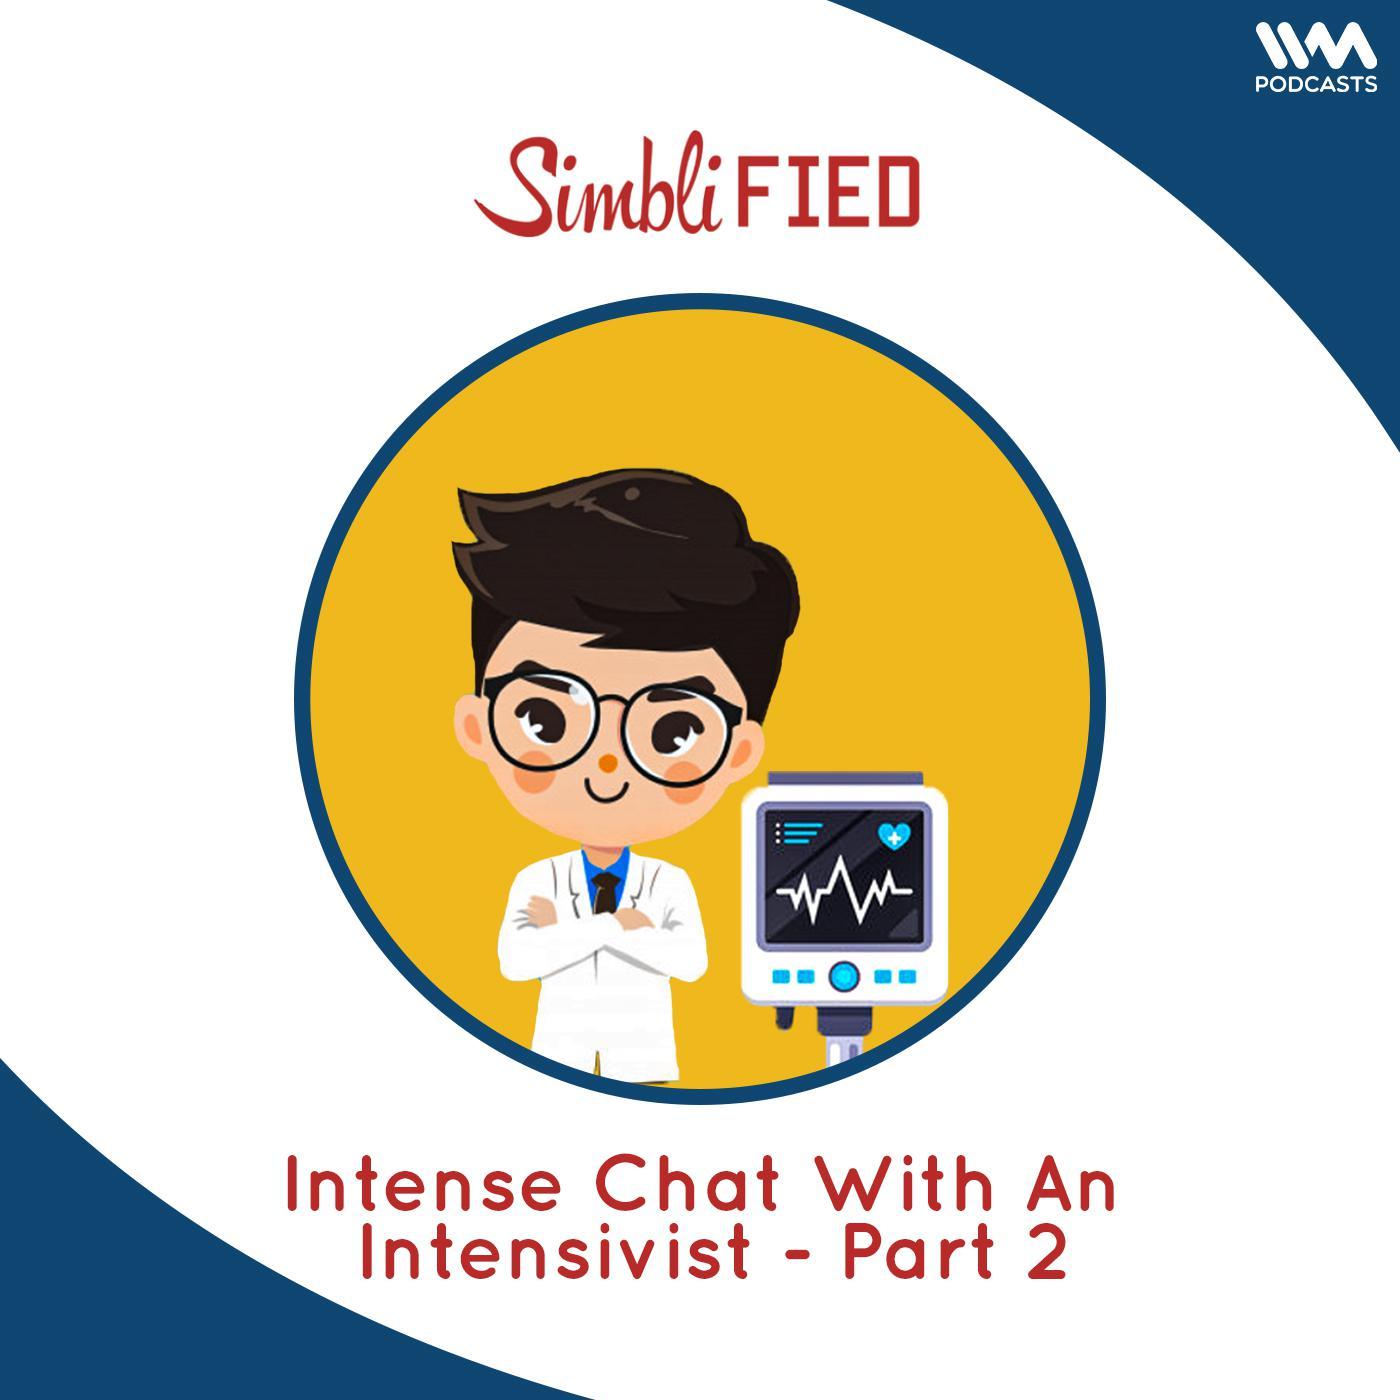 Intense Chat With An Intensivist - Part 2